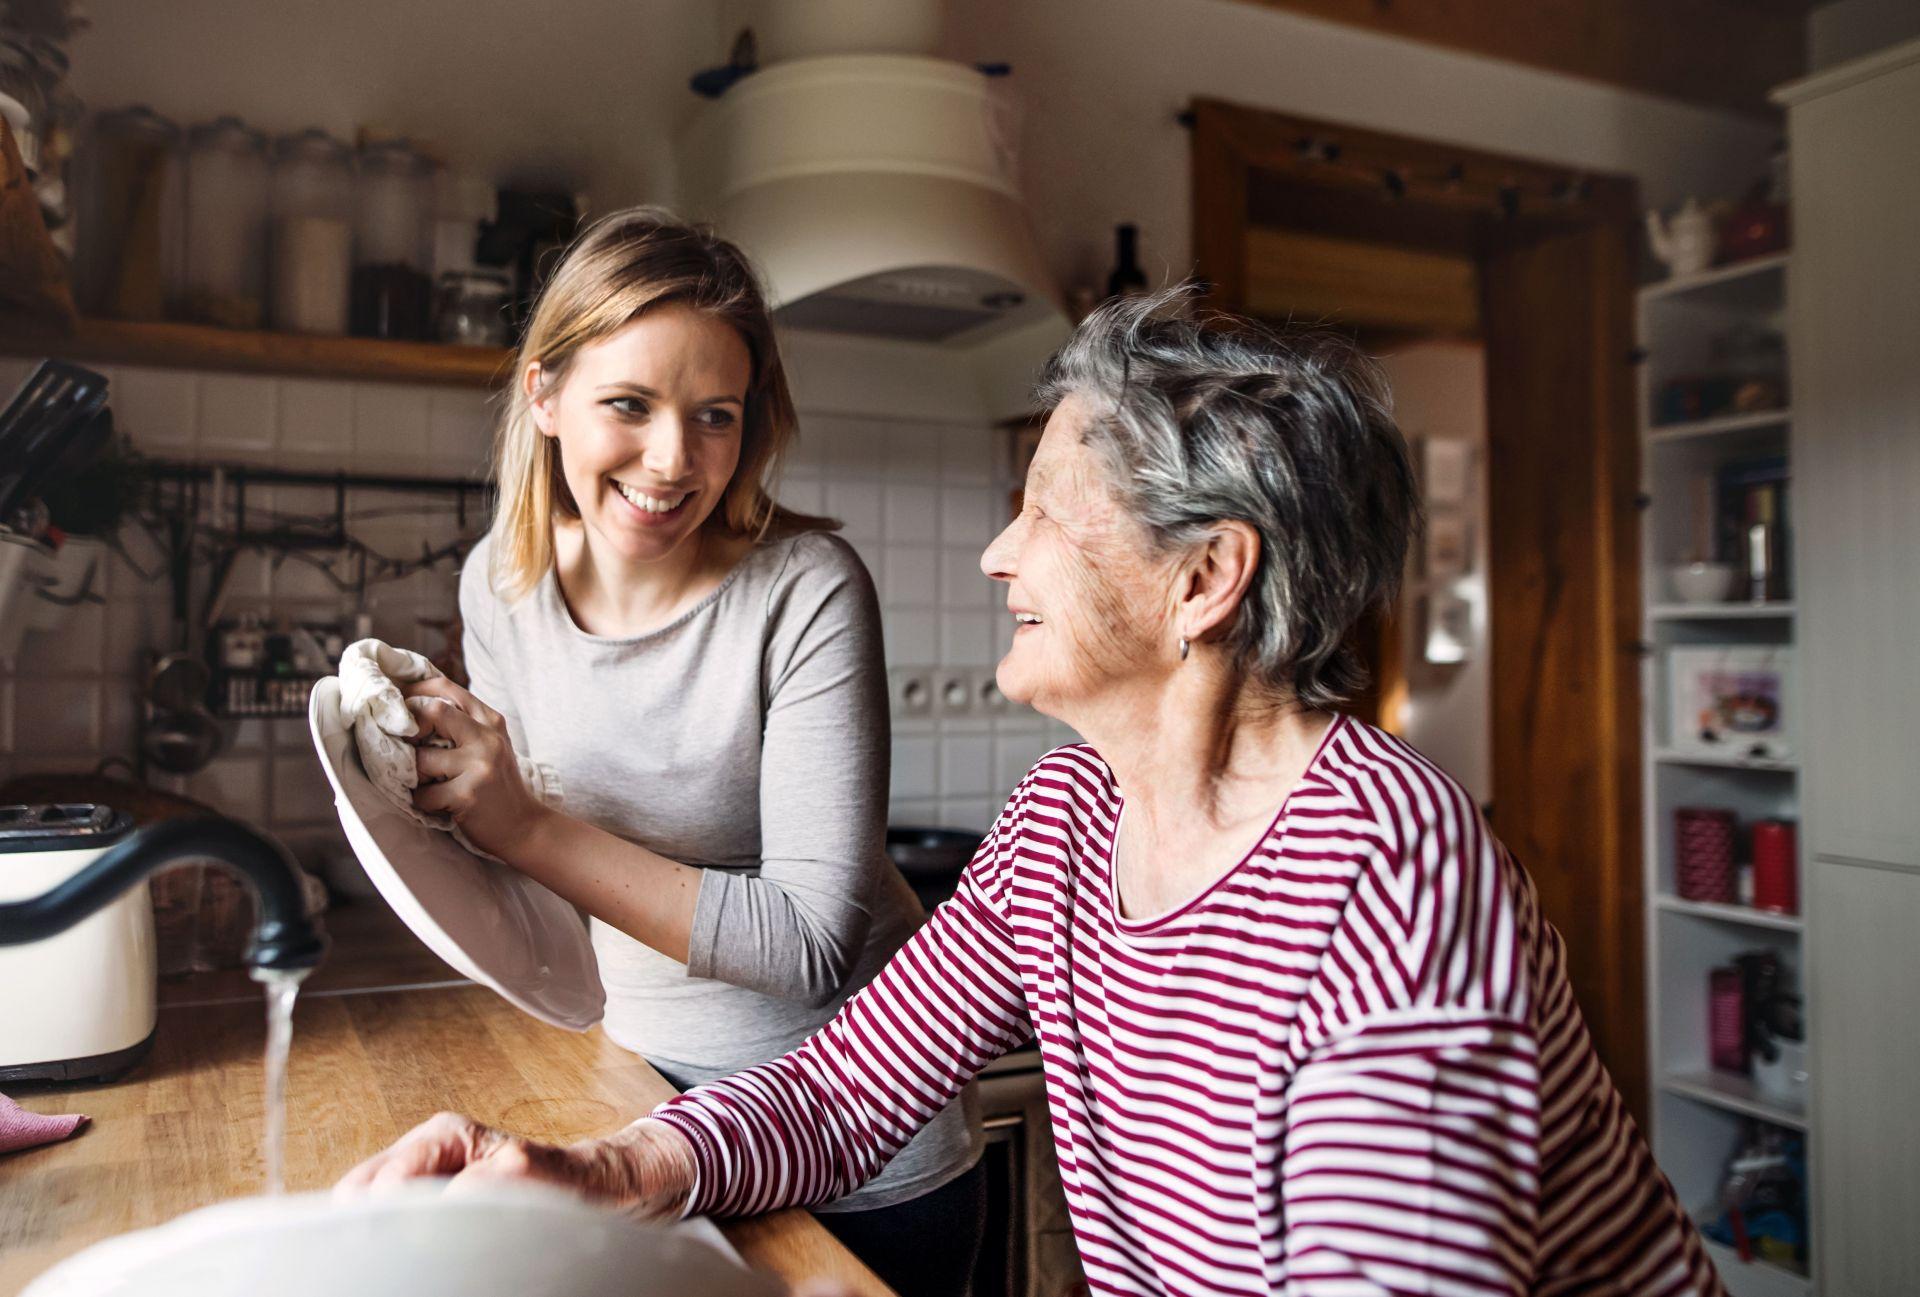 Häusliche Seniorenbetreuung ist keine Pflegetätigkeit